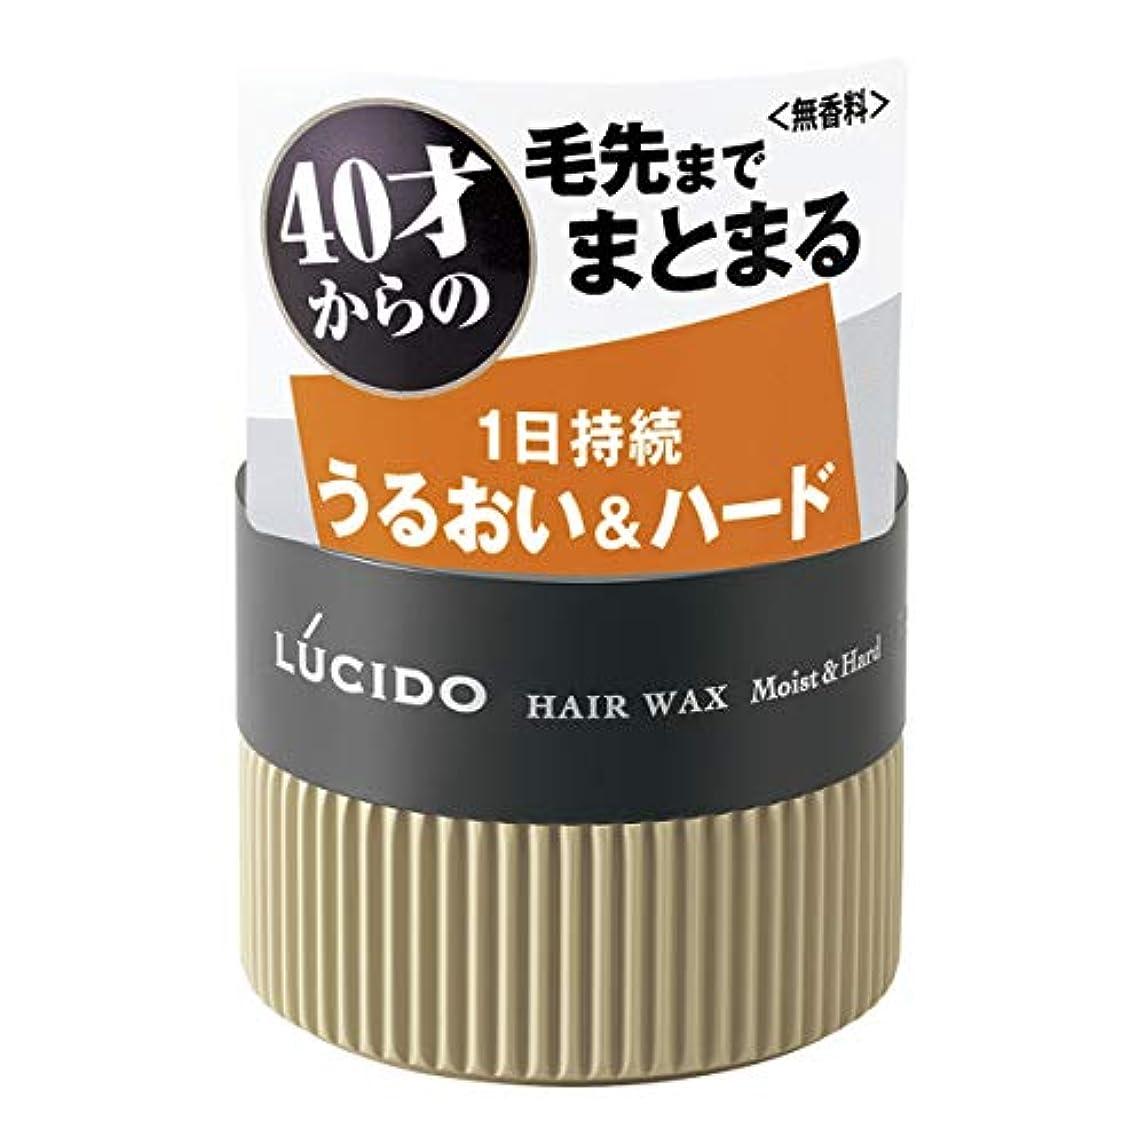 してはいけませんおしゃれな事業内容LUCIDO(ルシード) ヘアワックス まとまり&ハード 80g